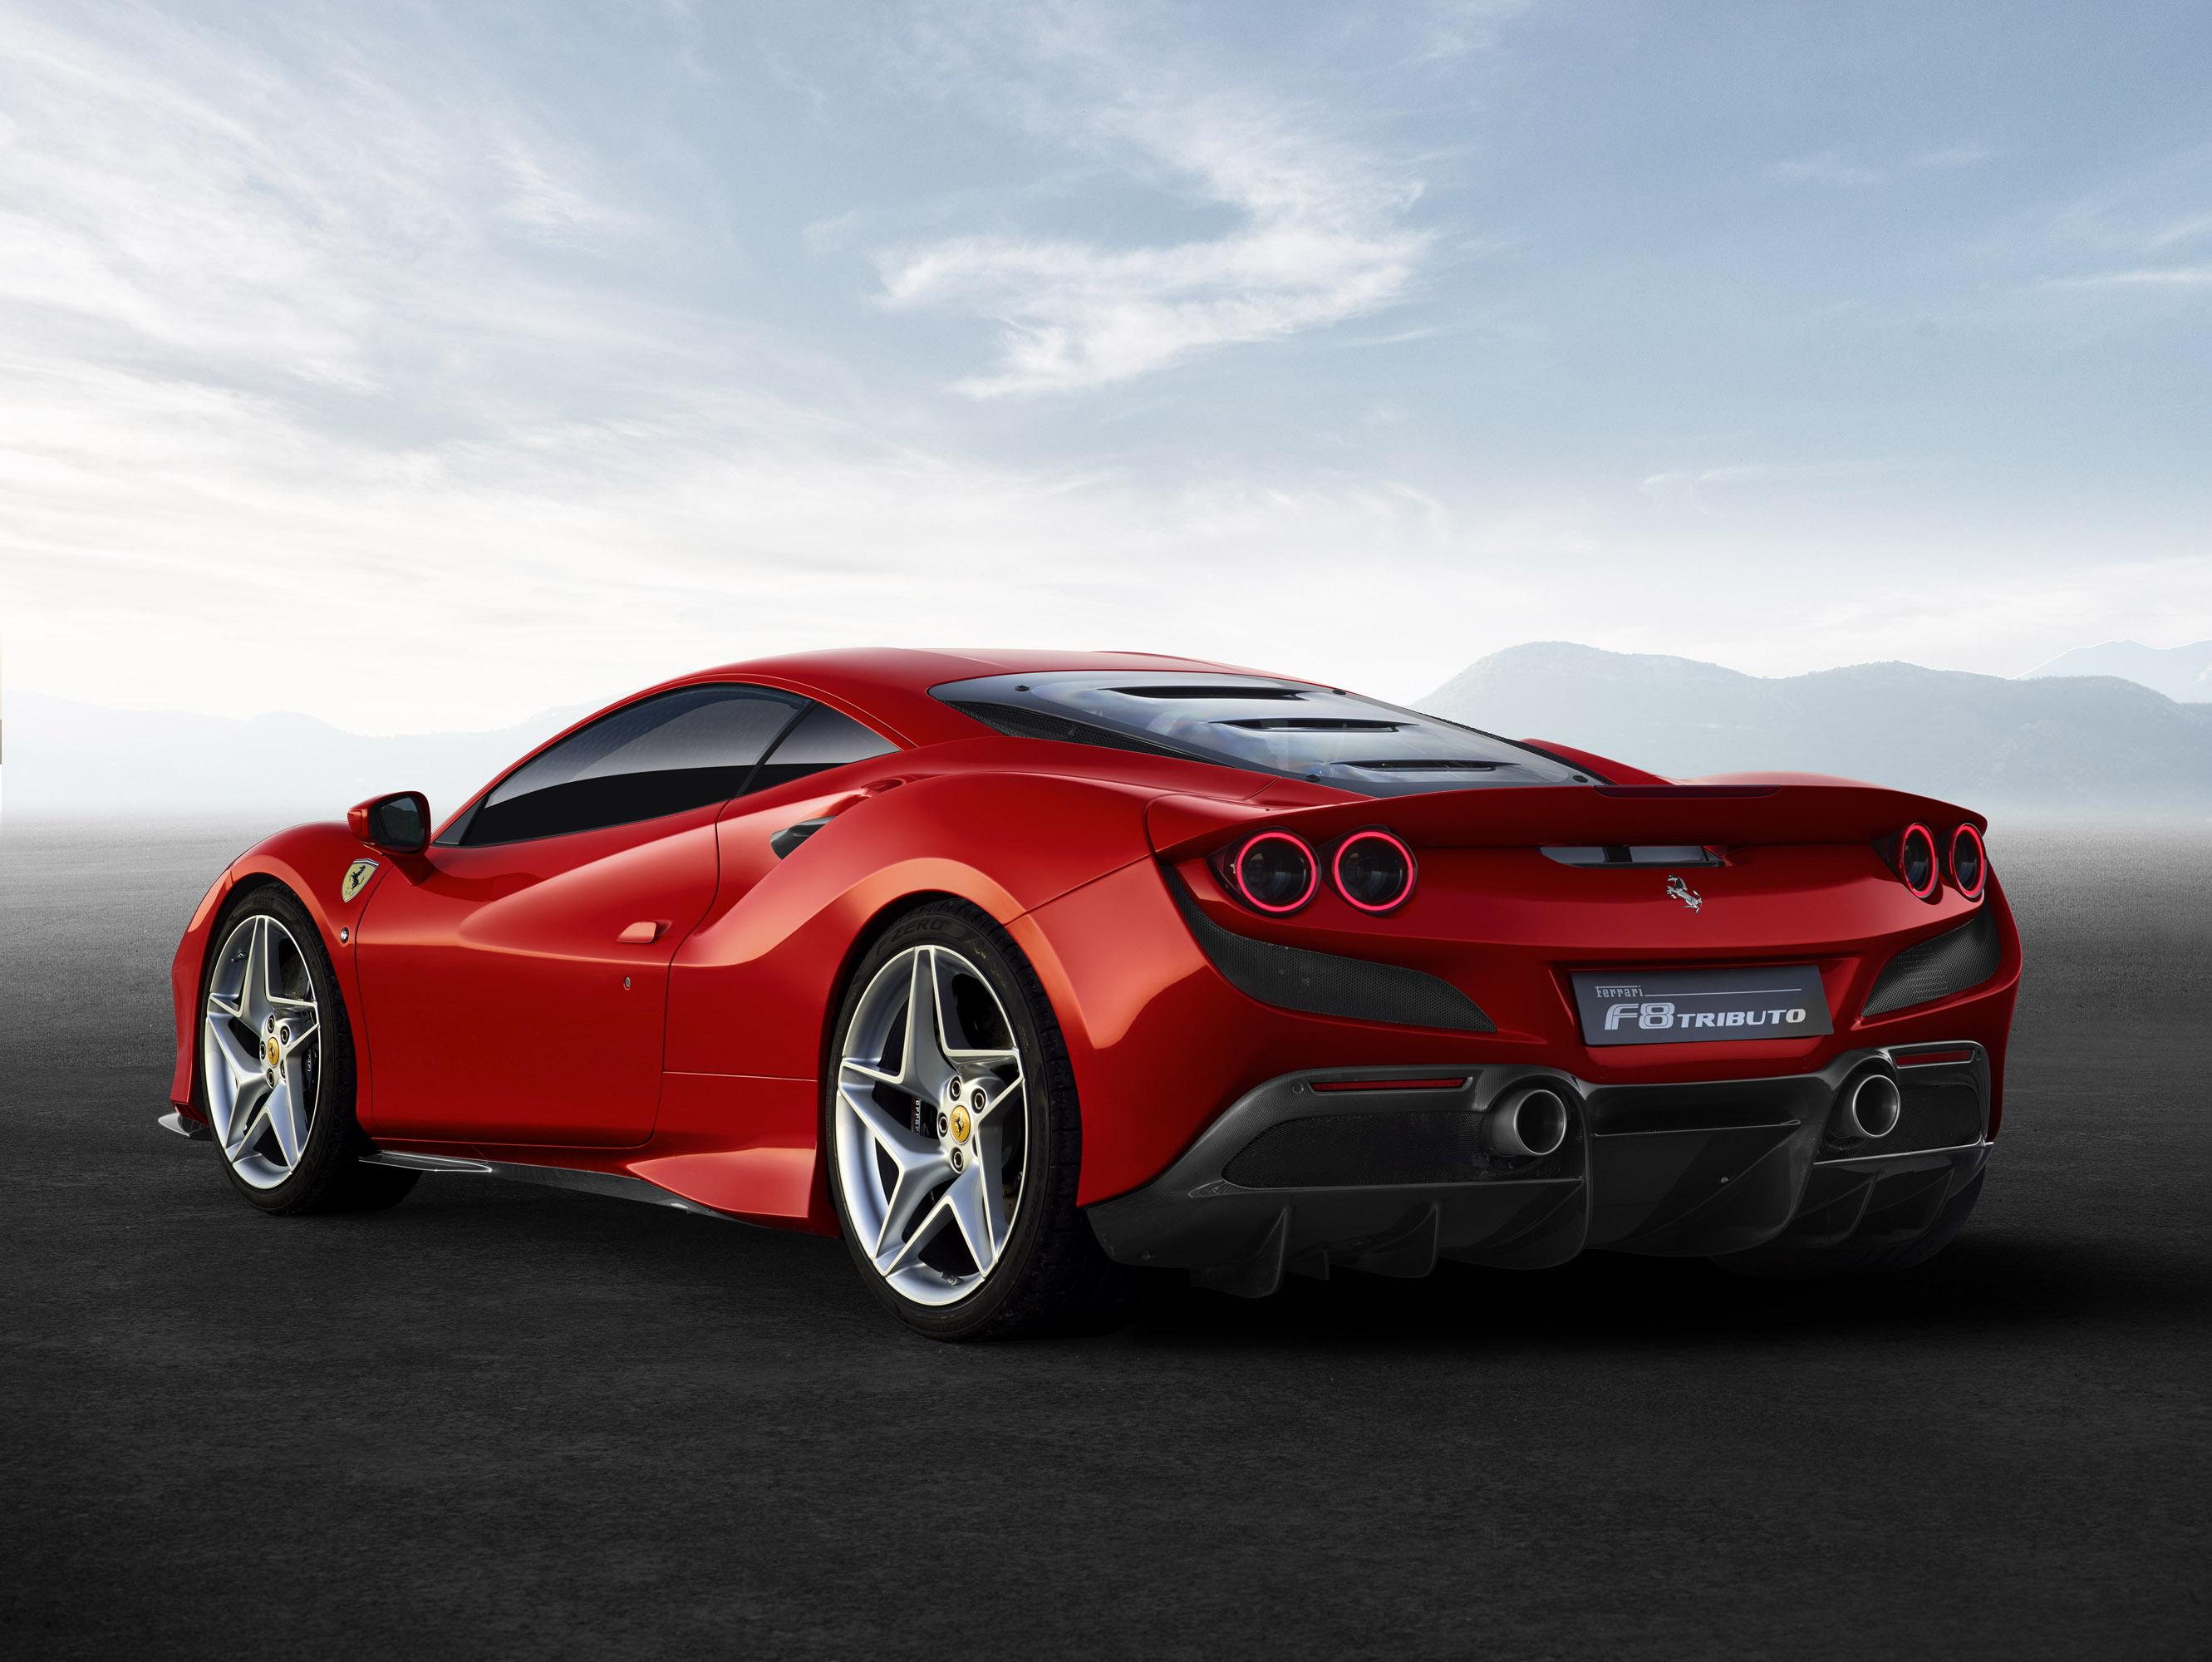 Ferrari Reveals New F8 Tributo Model